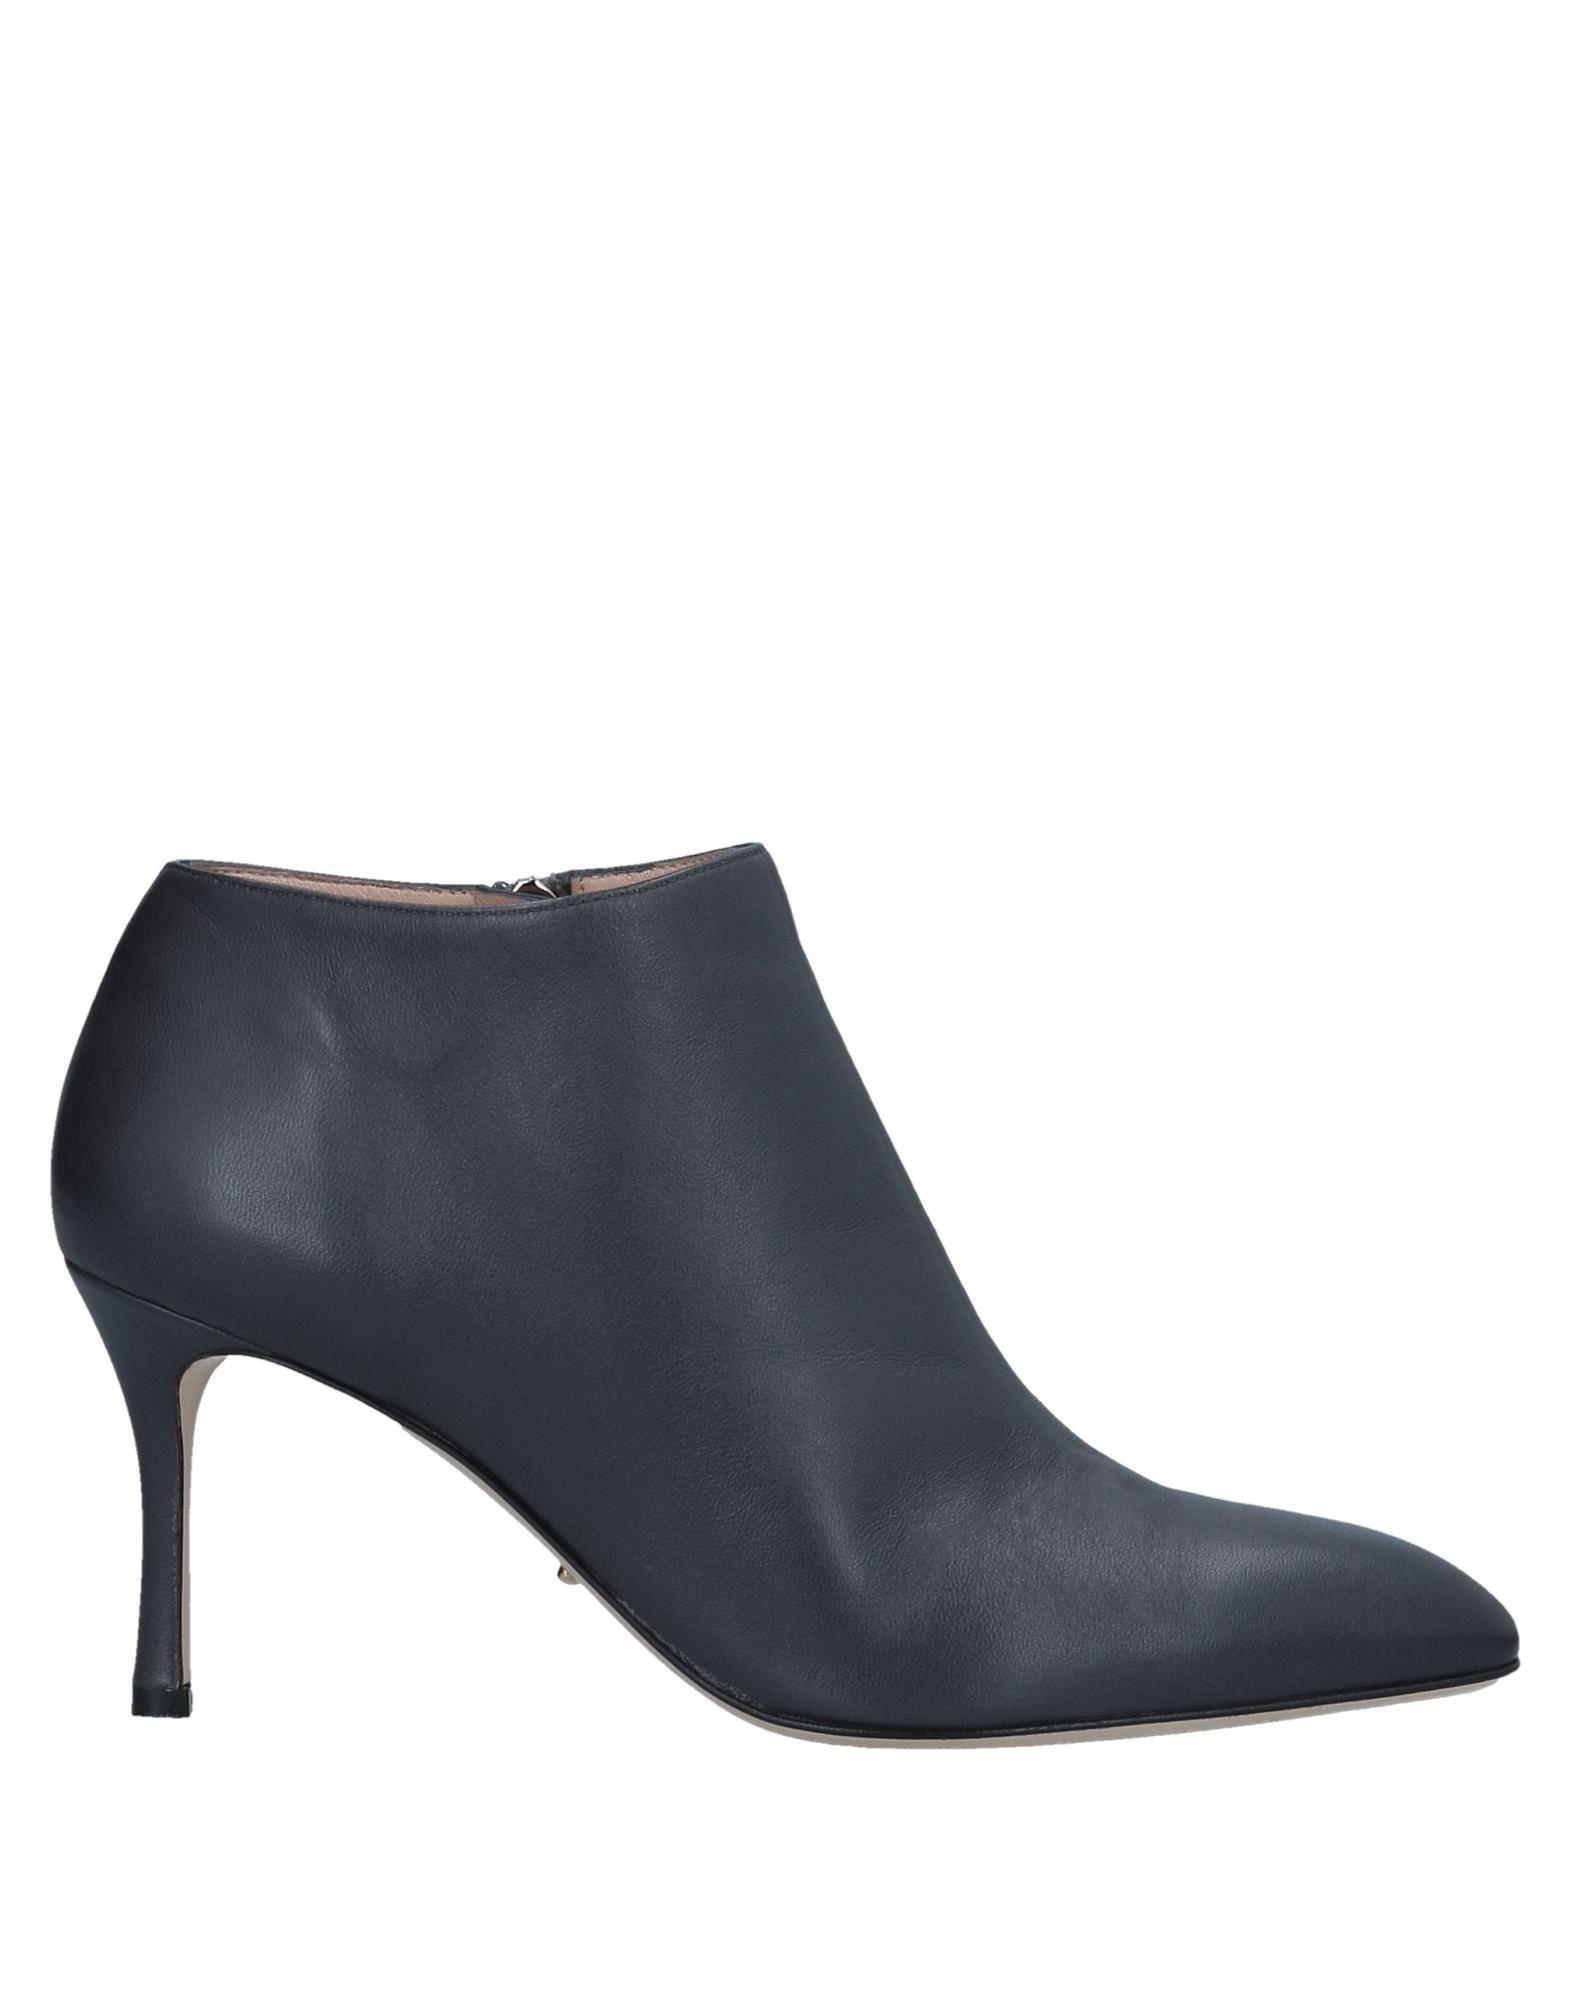 SERGIO ROSSI | SERGIO ROSSI Ankle boots | Goxip